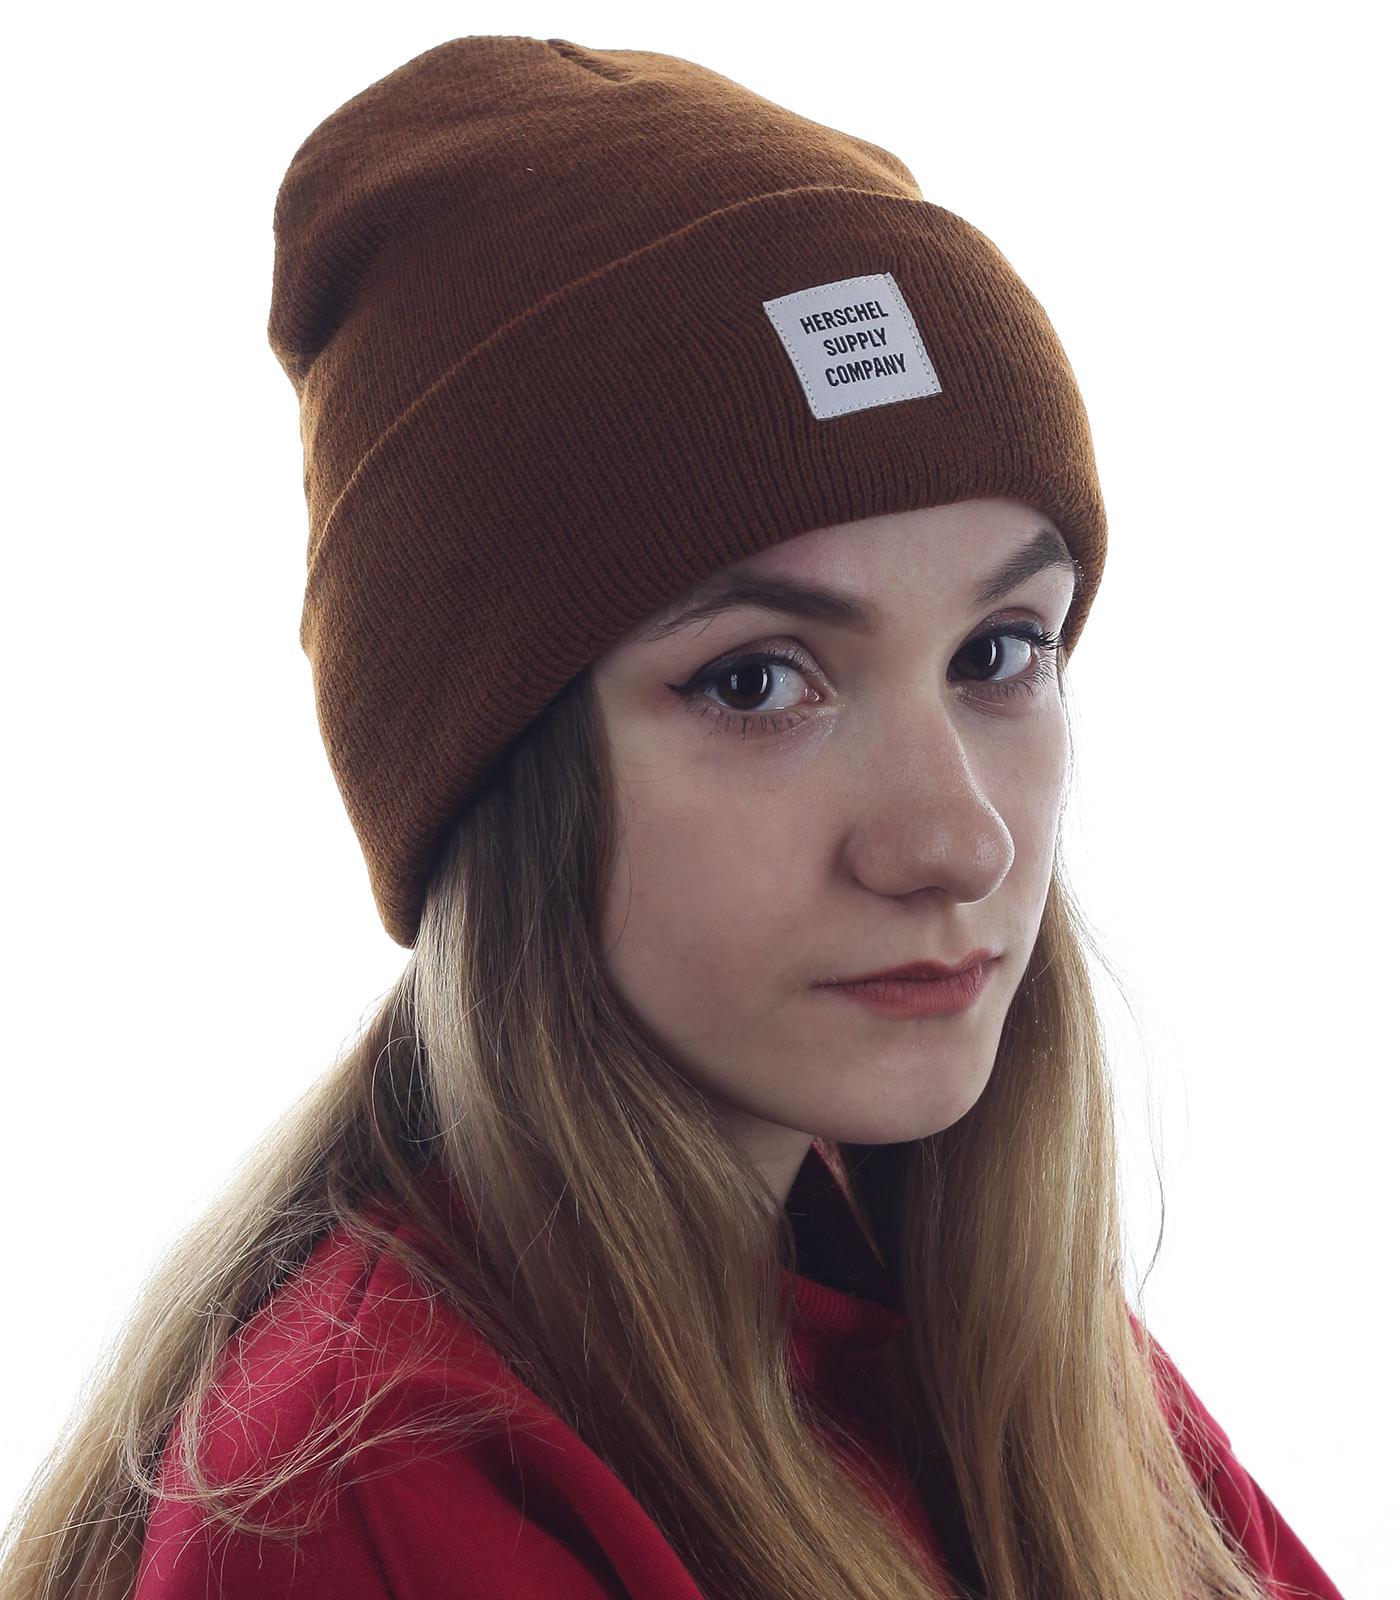 Однотонная шапка Herschel для стильных девушек. Модель, популярная всегда